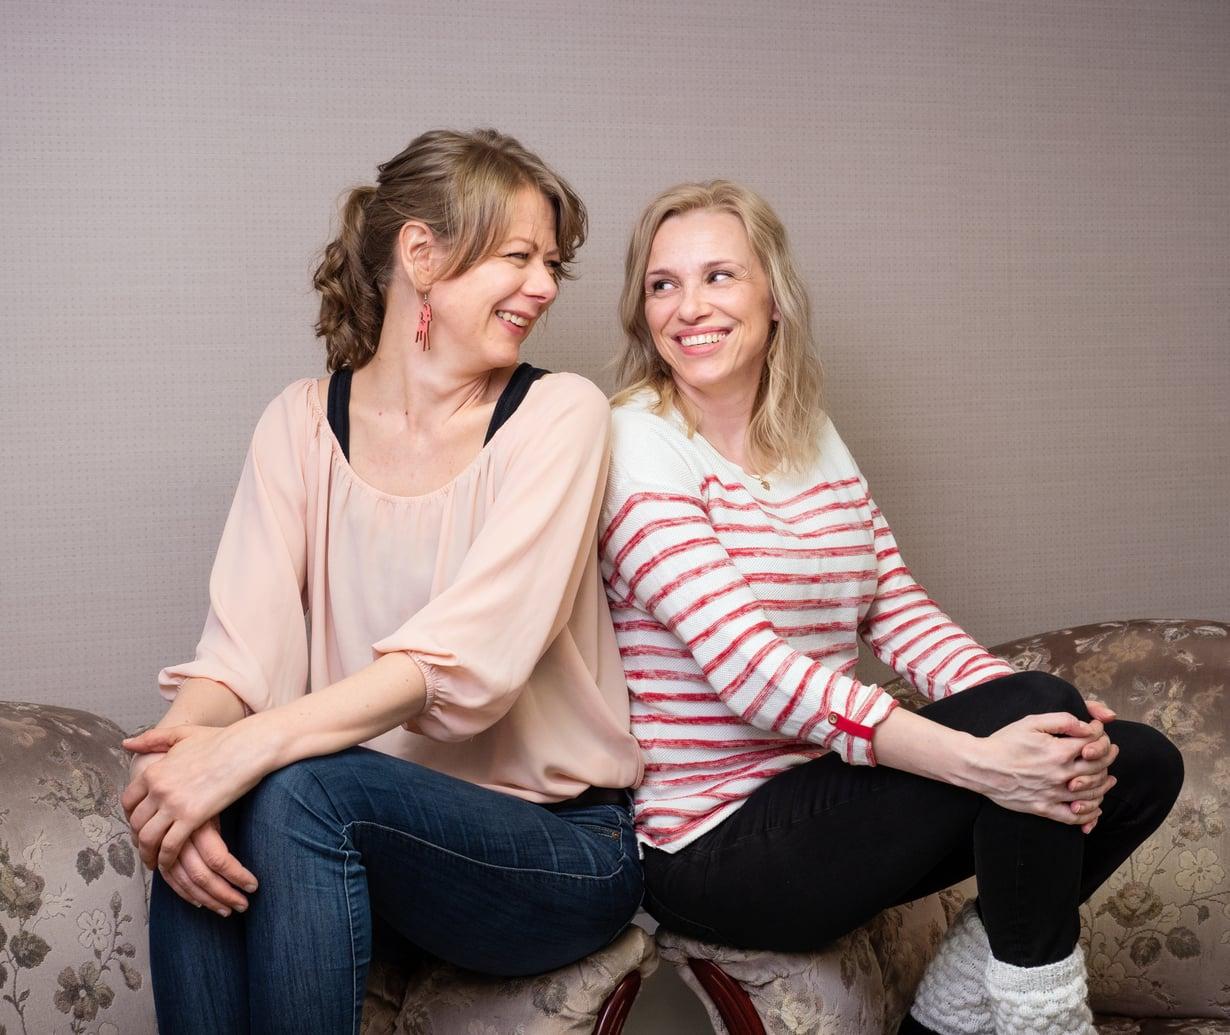 Älä suorita, älä uuvu. Siinä Laura Ruotsalaisen (vas.) ja Susanna Tiljanderin tärkeimmät ohjeet itselleen ja toisilleen.